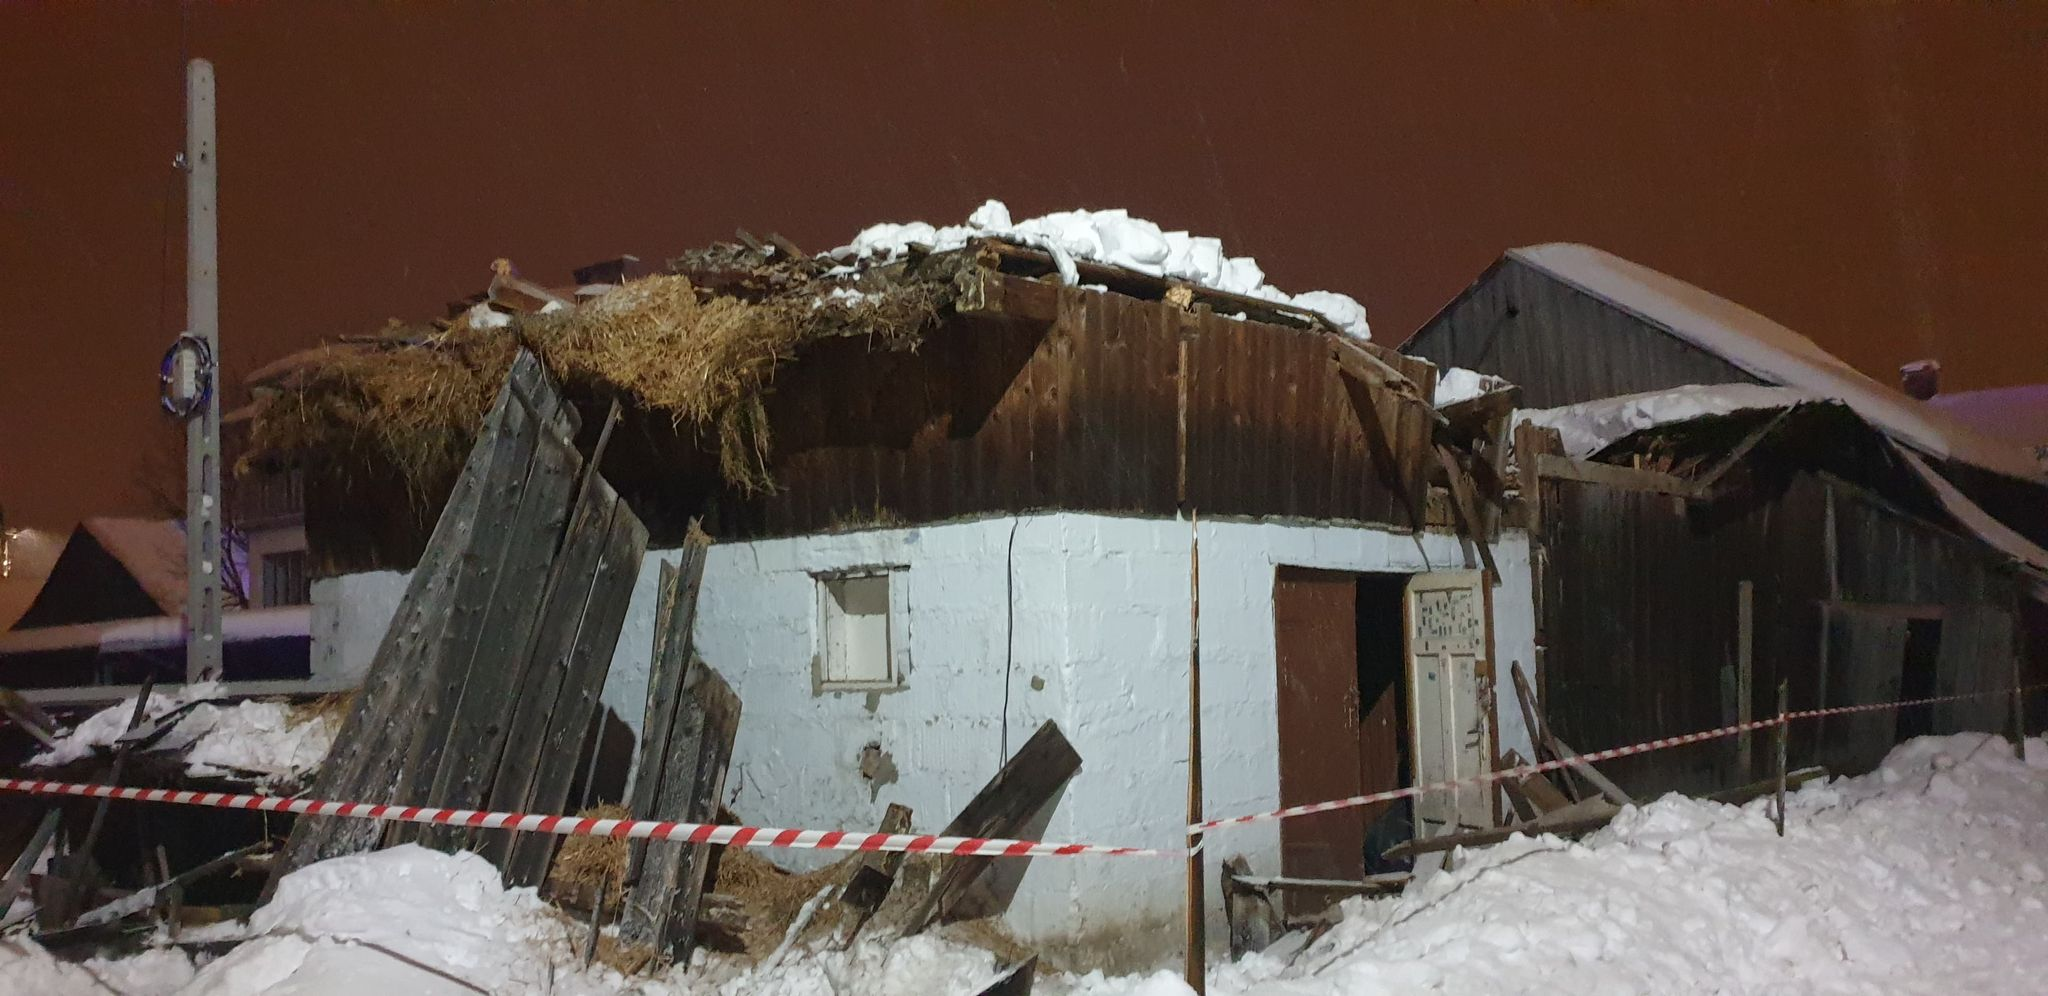 POSADA ZARSZYŃSKA: Pod naporem śniegu zawaliła się stodoła [ZDJĘCIA+FILM] - Zdjęcie główne